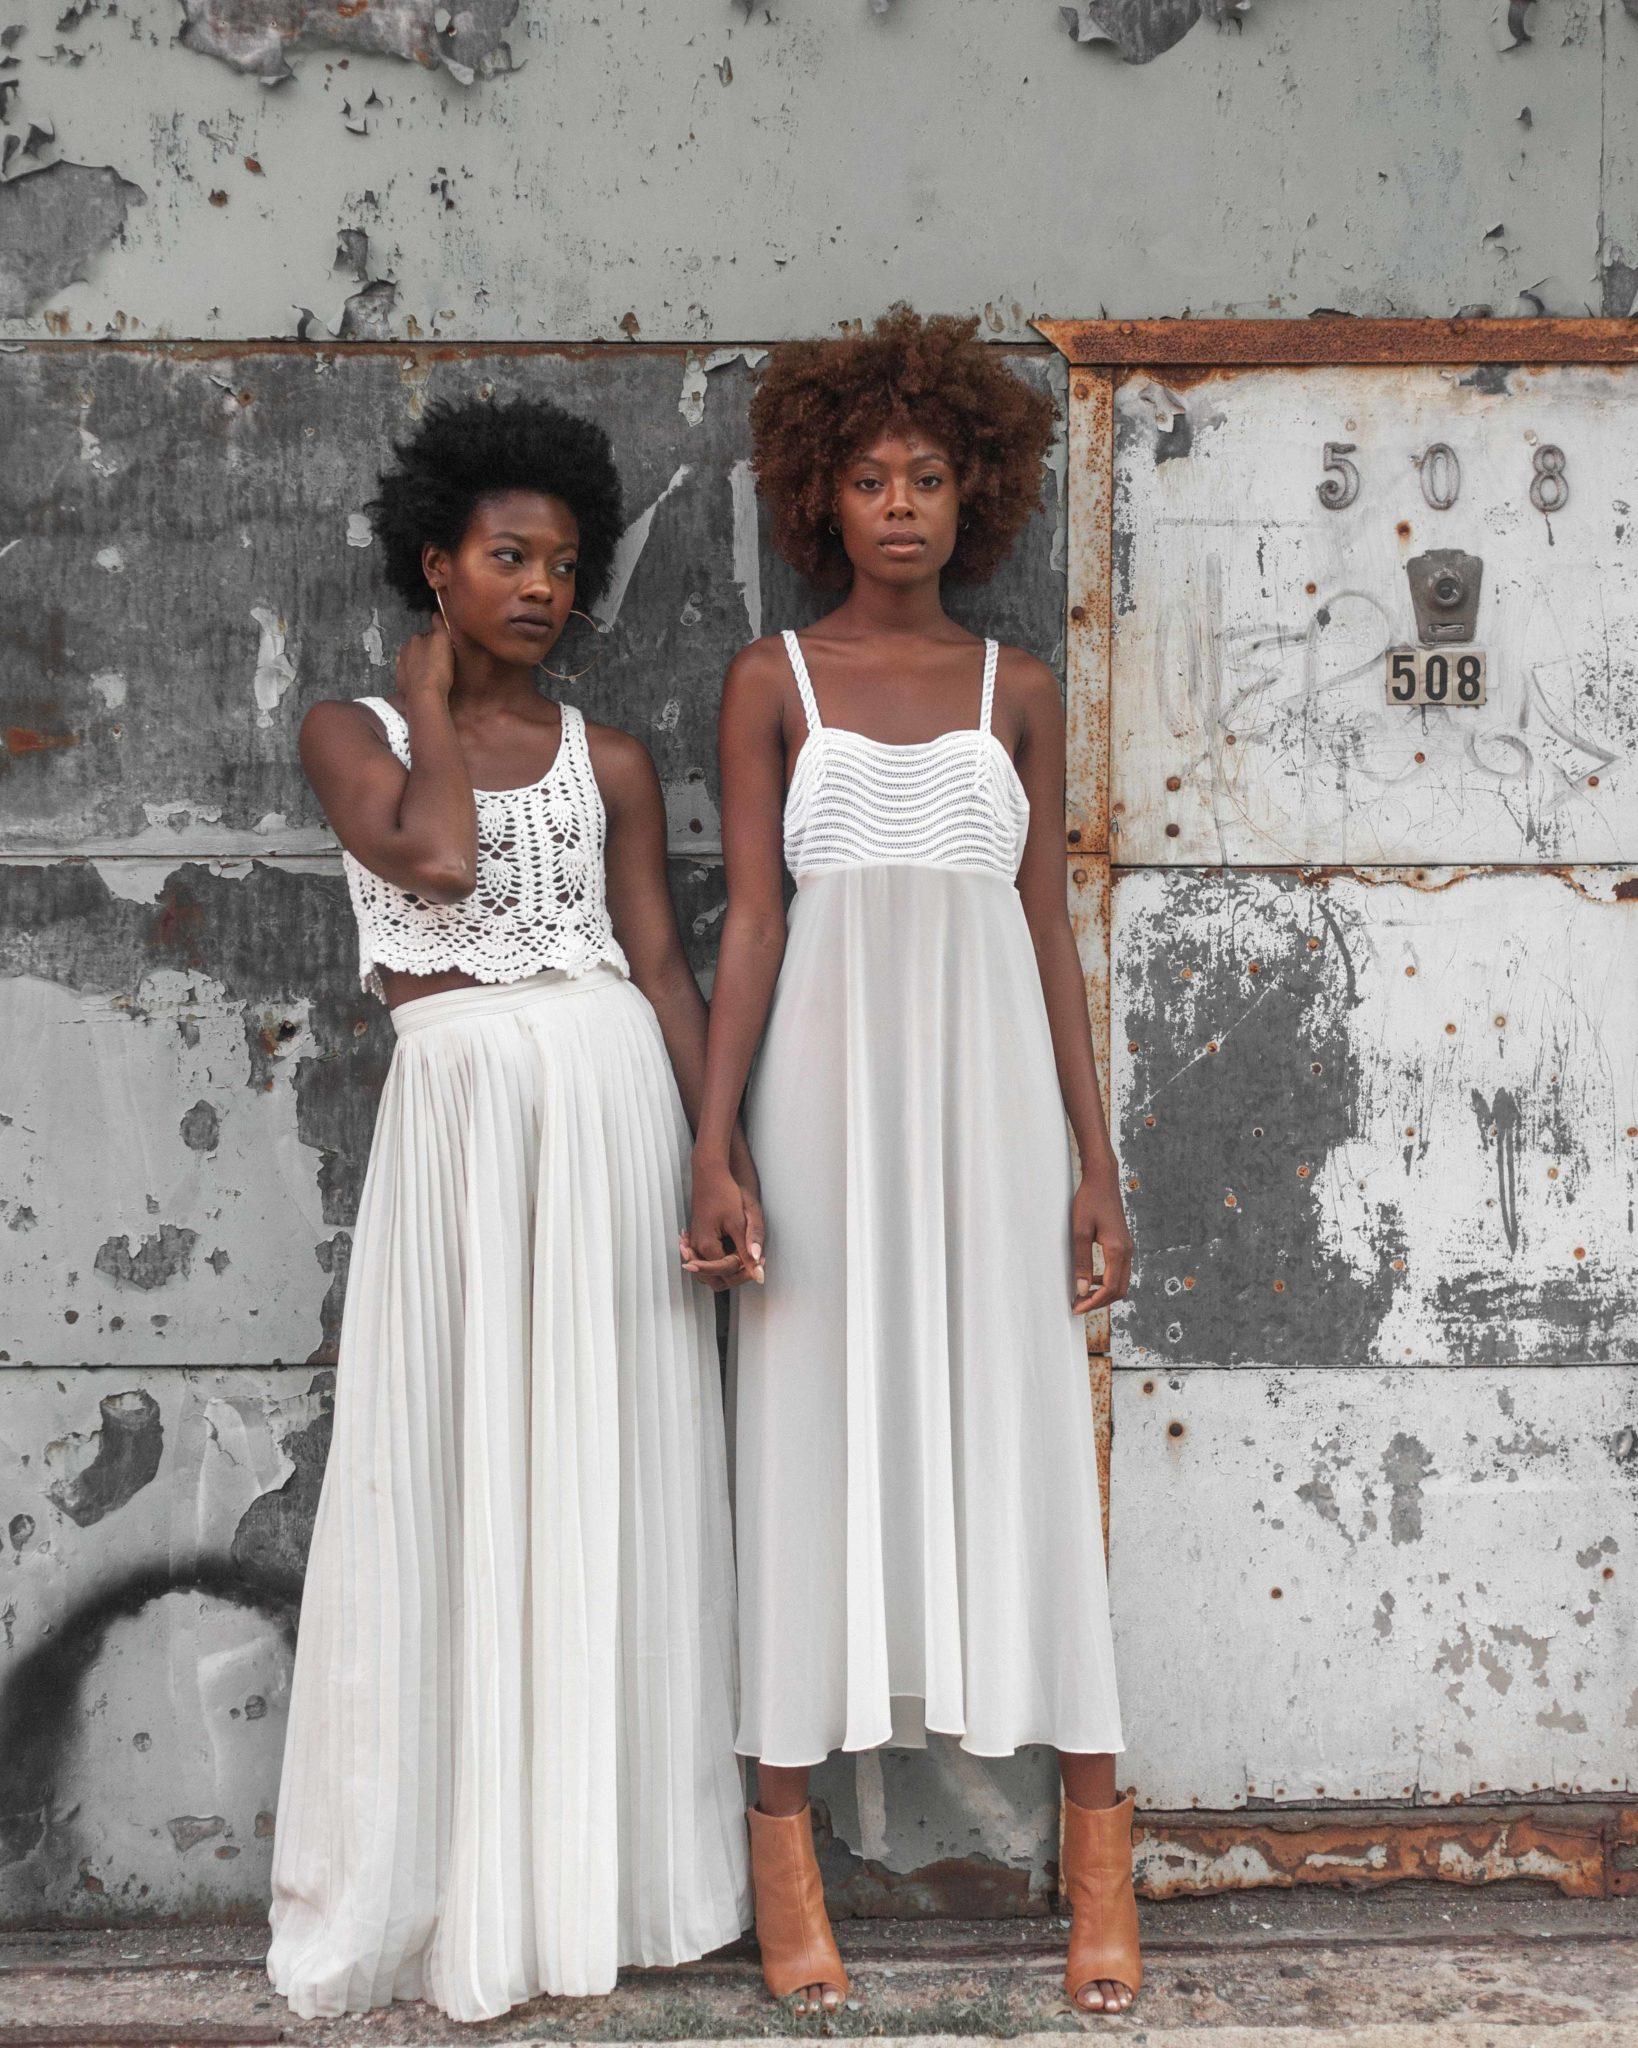 Black Female Models Hold Hands